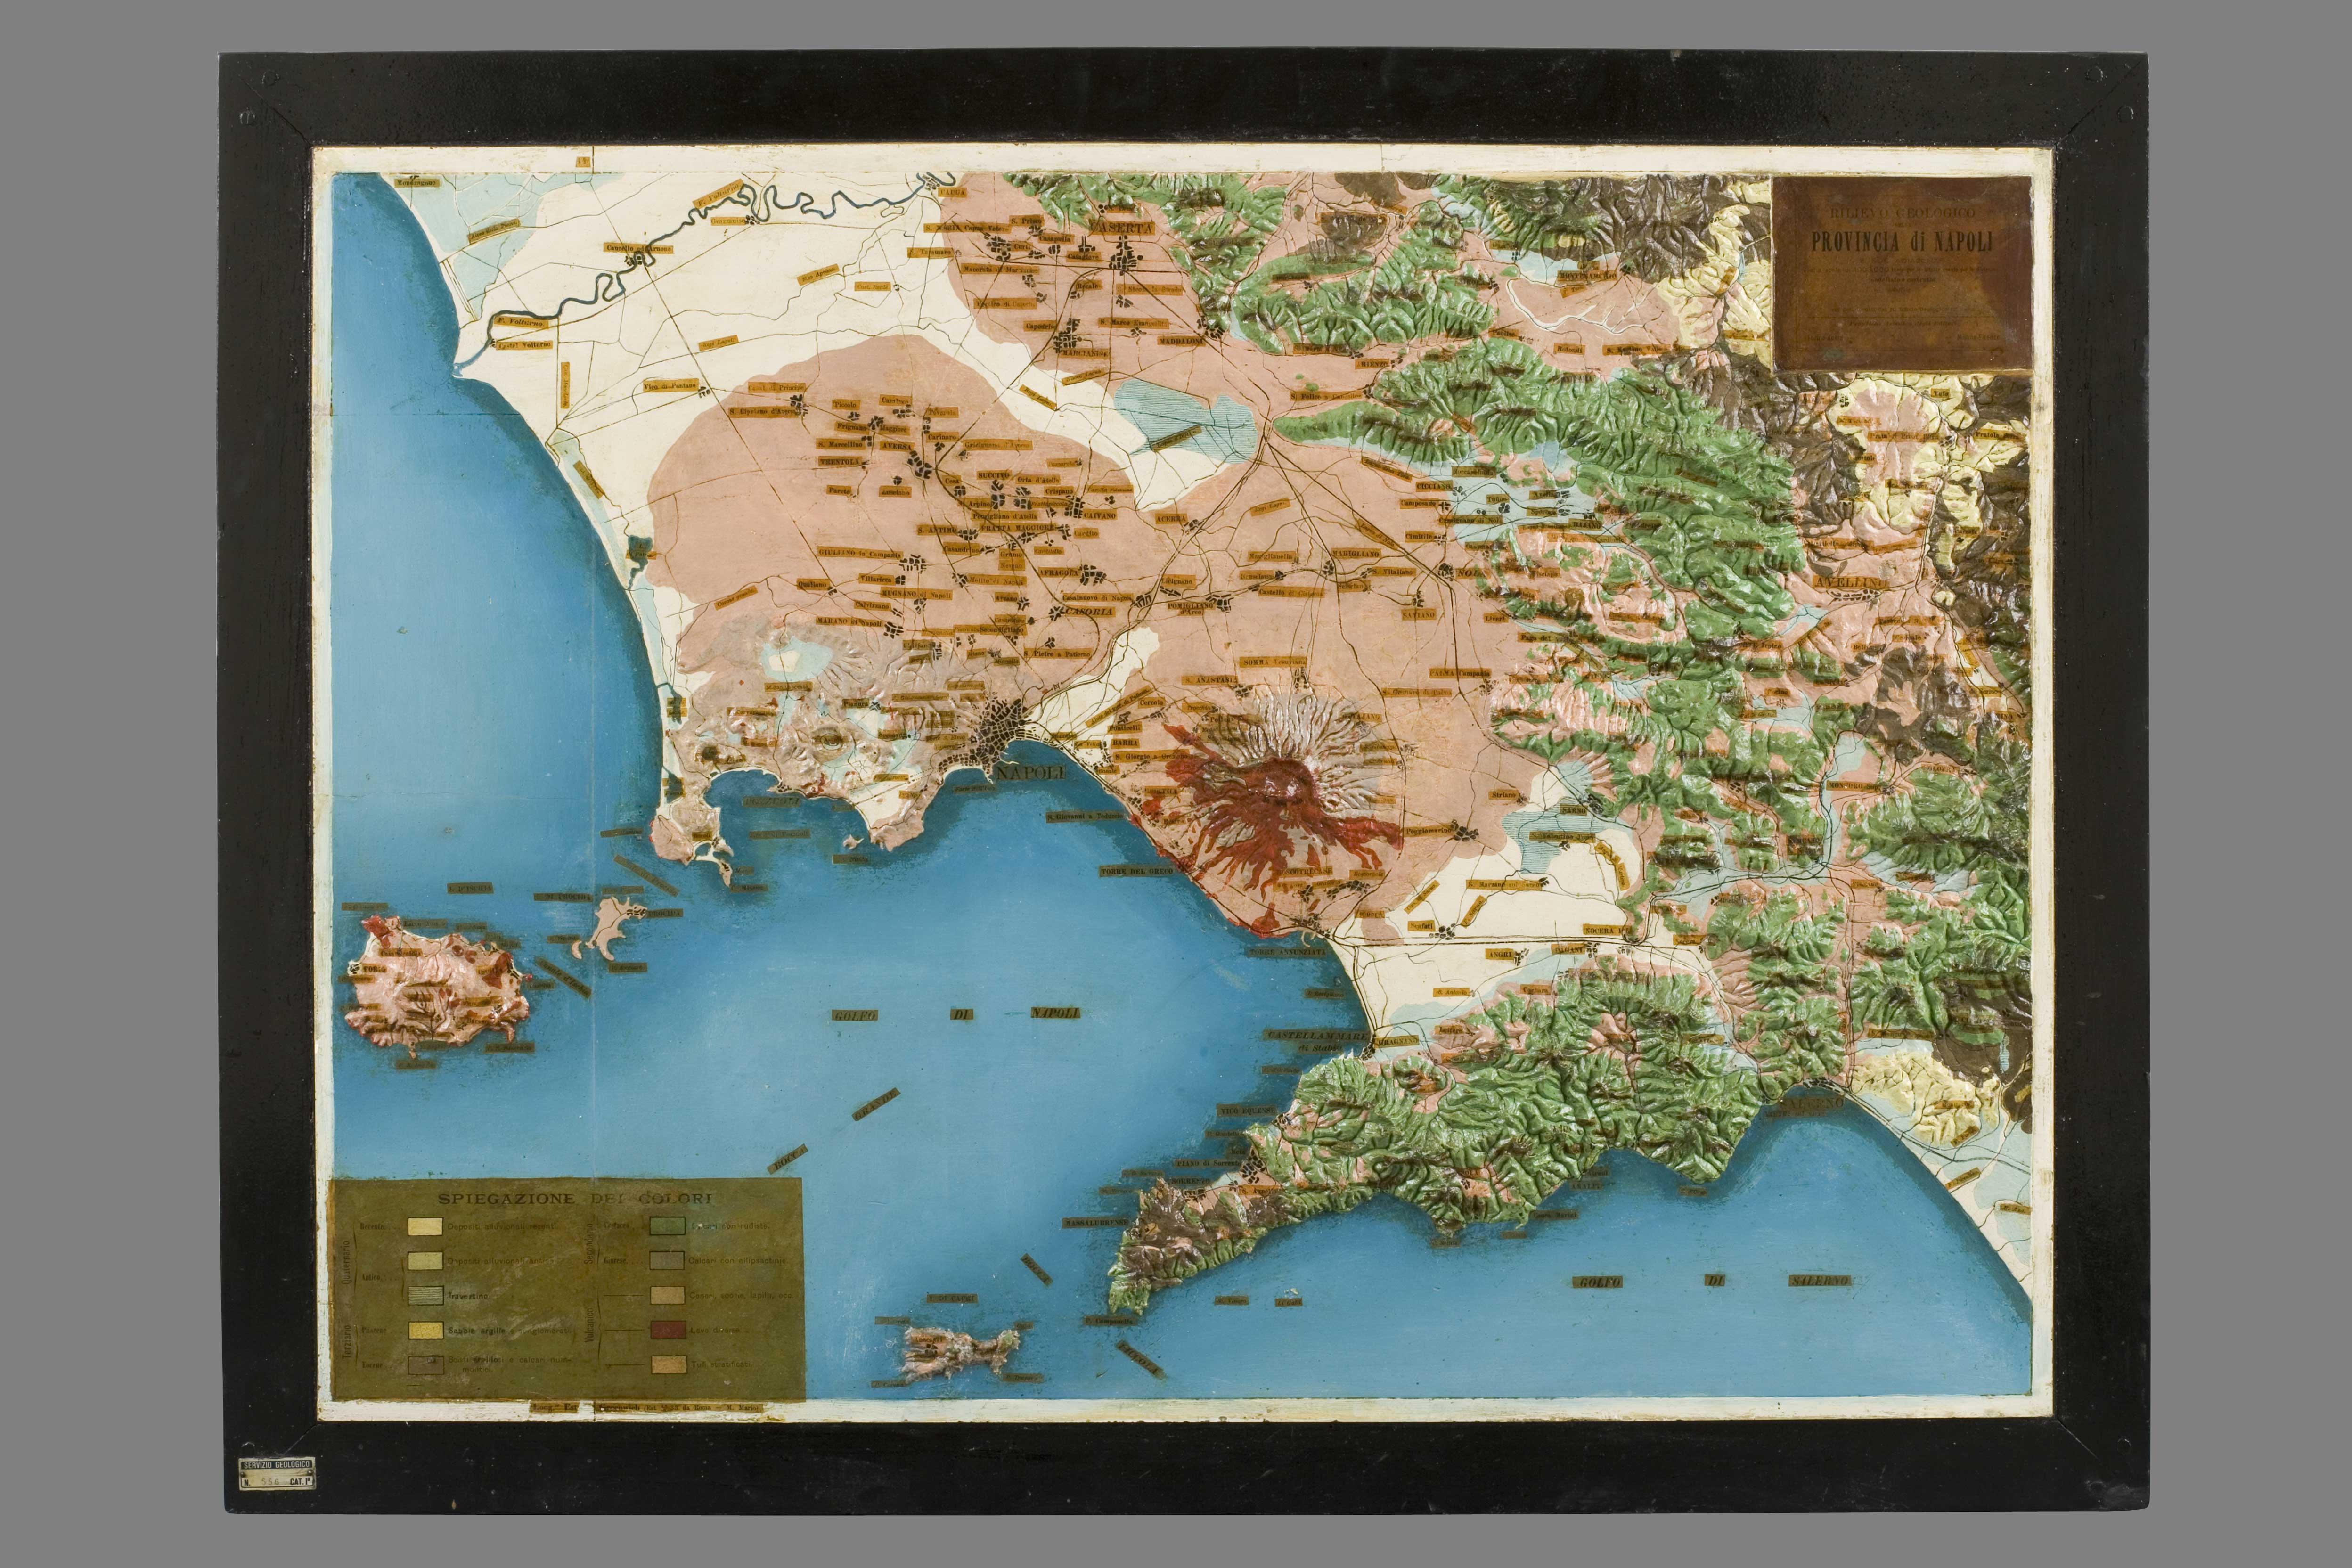 Provincia Di Napoli Cartina.Provincia Di Napoli Jpg